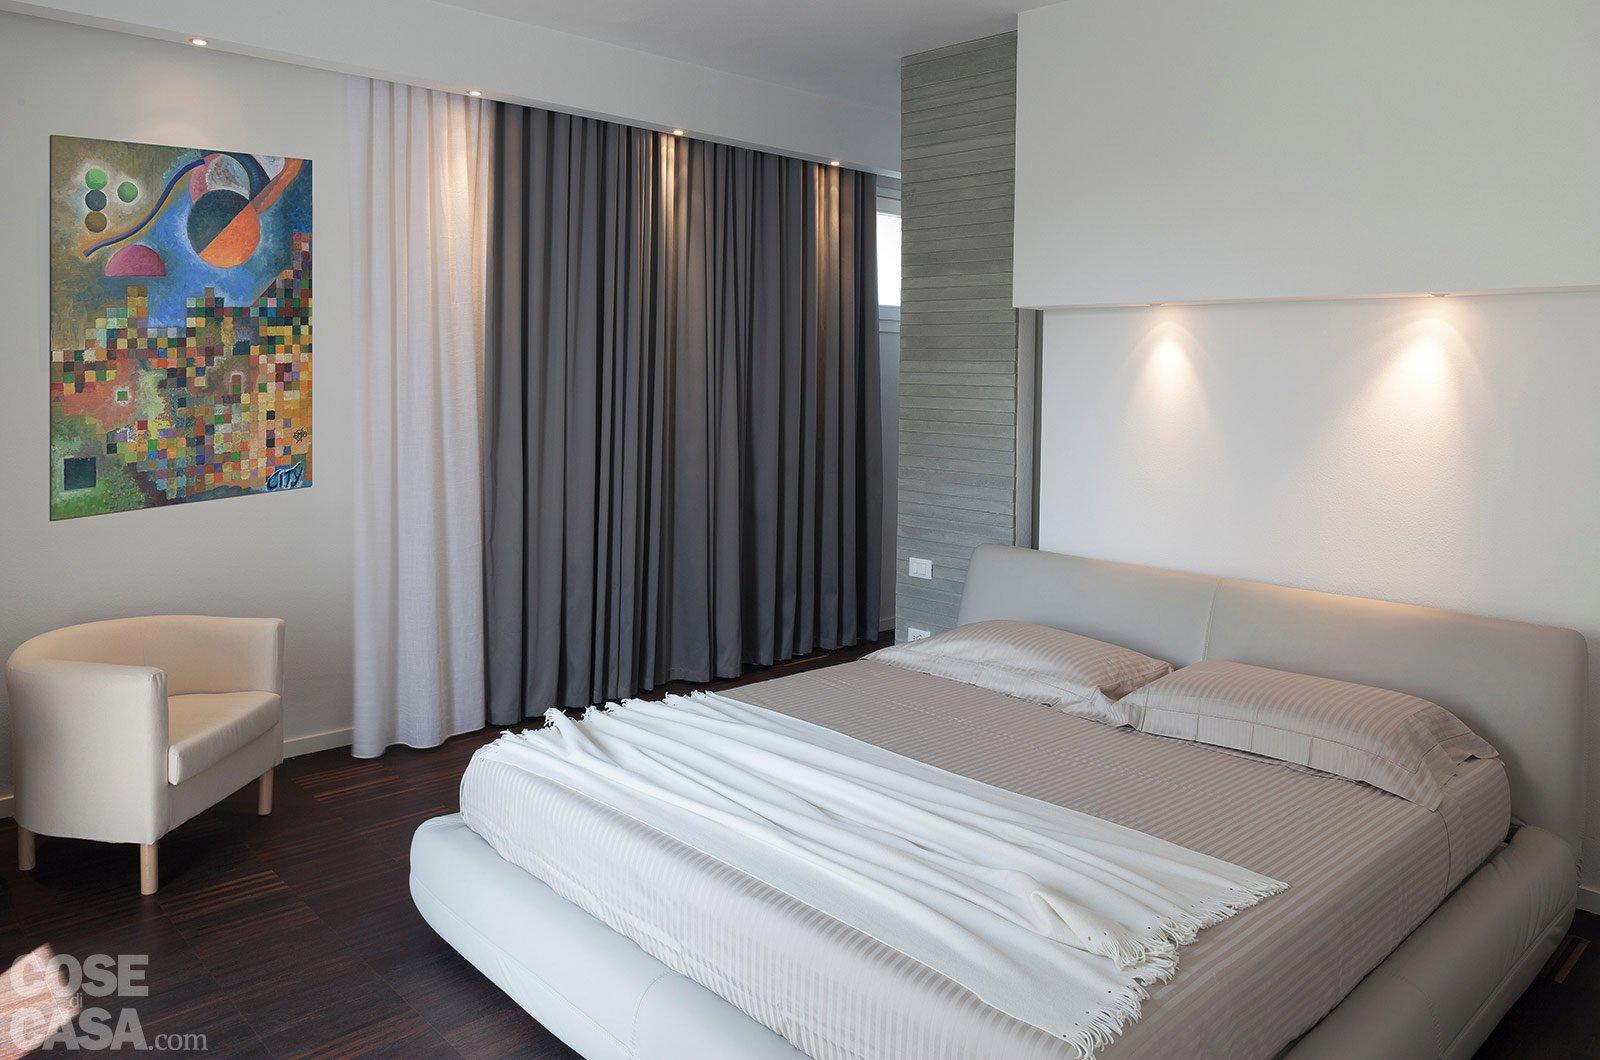 Camere da letto moderne cartongesso confortevole soggiorno nella casa - Camera da letto cartongesso ...